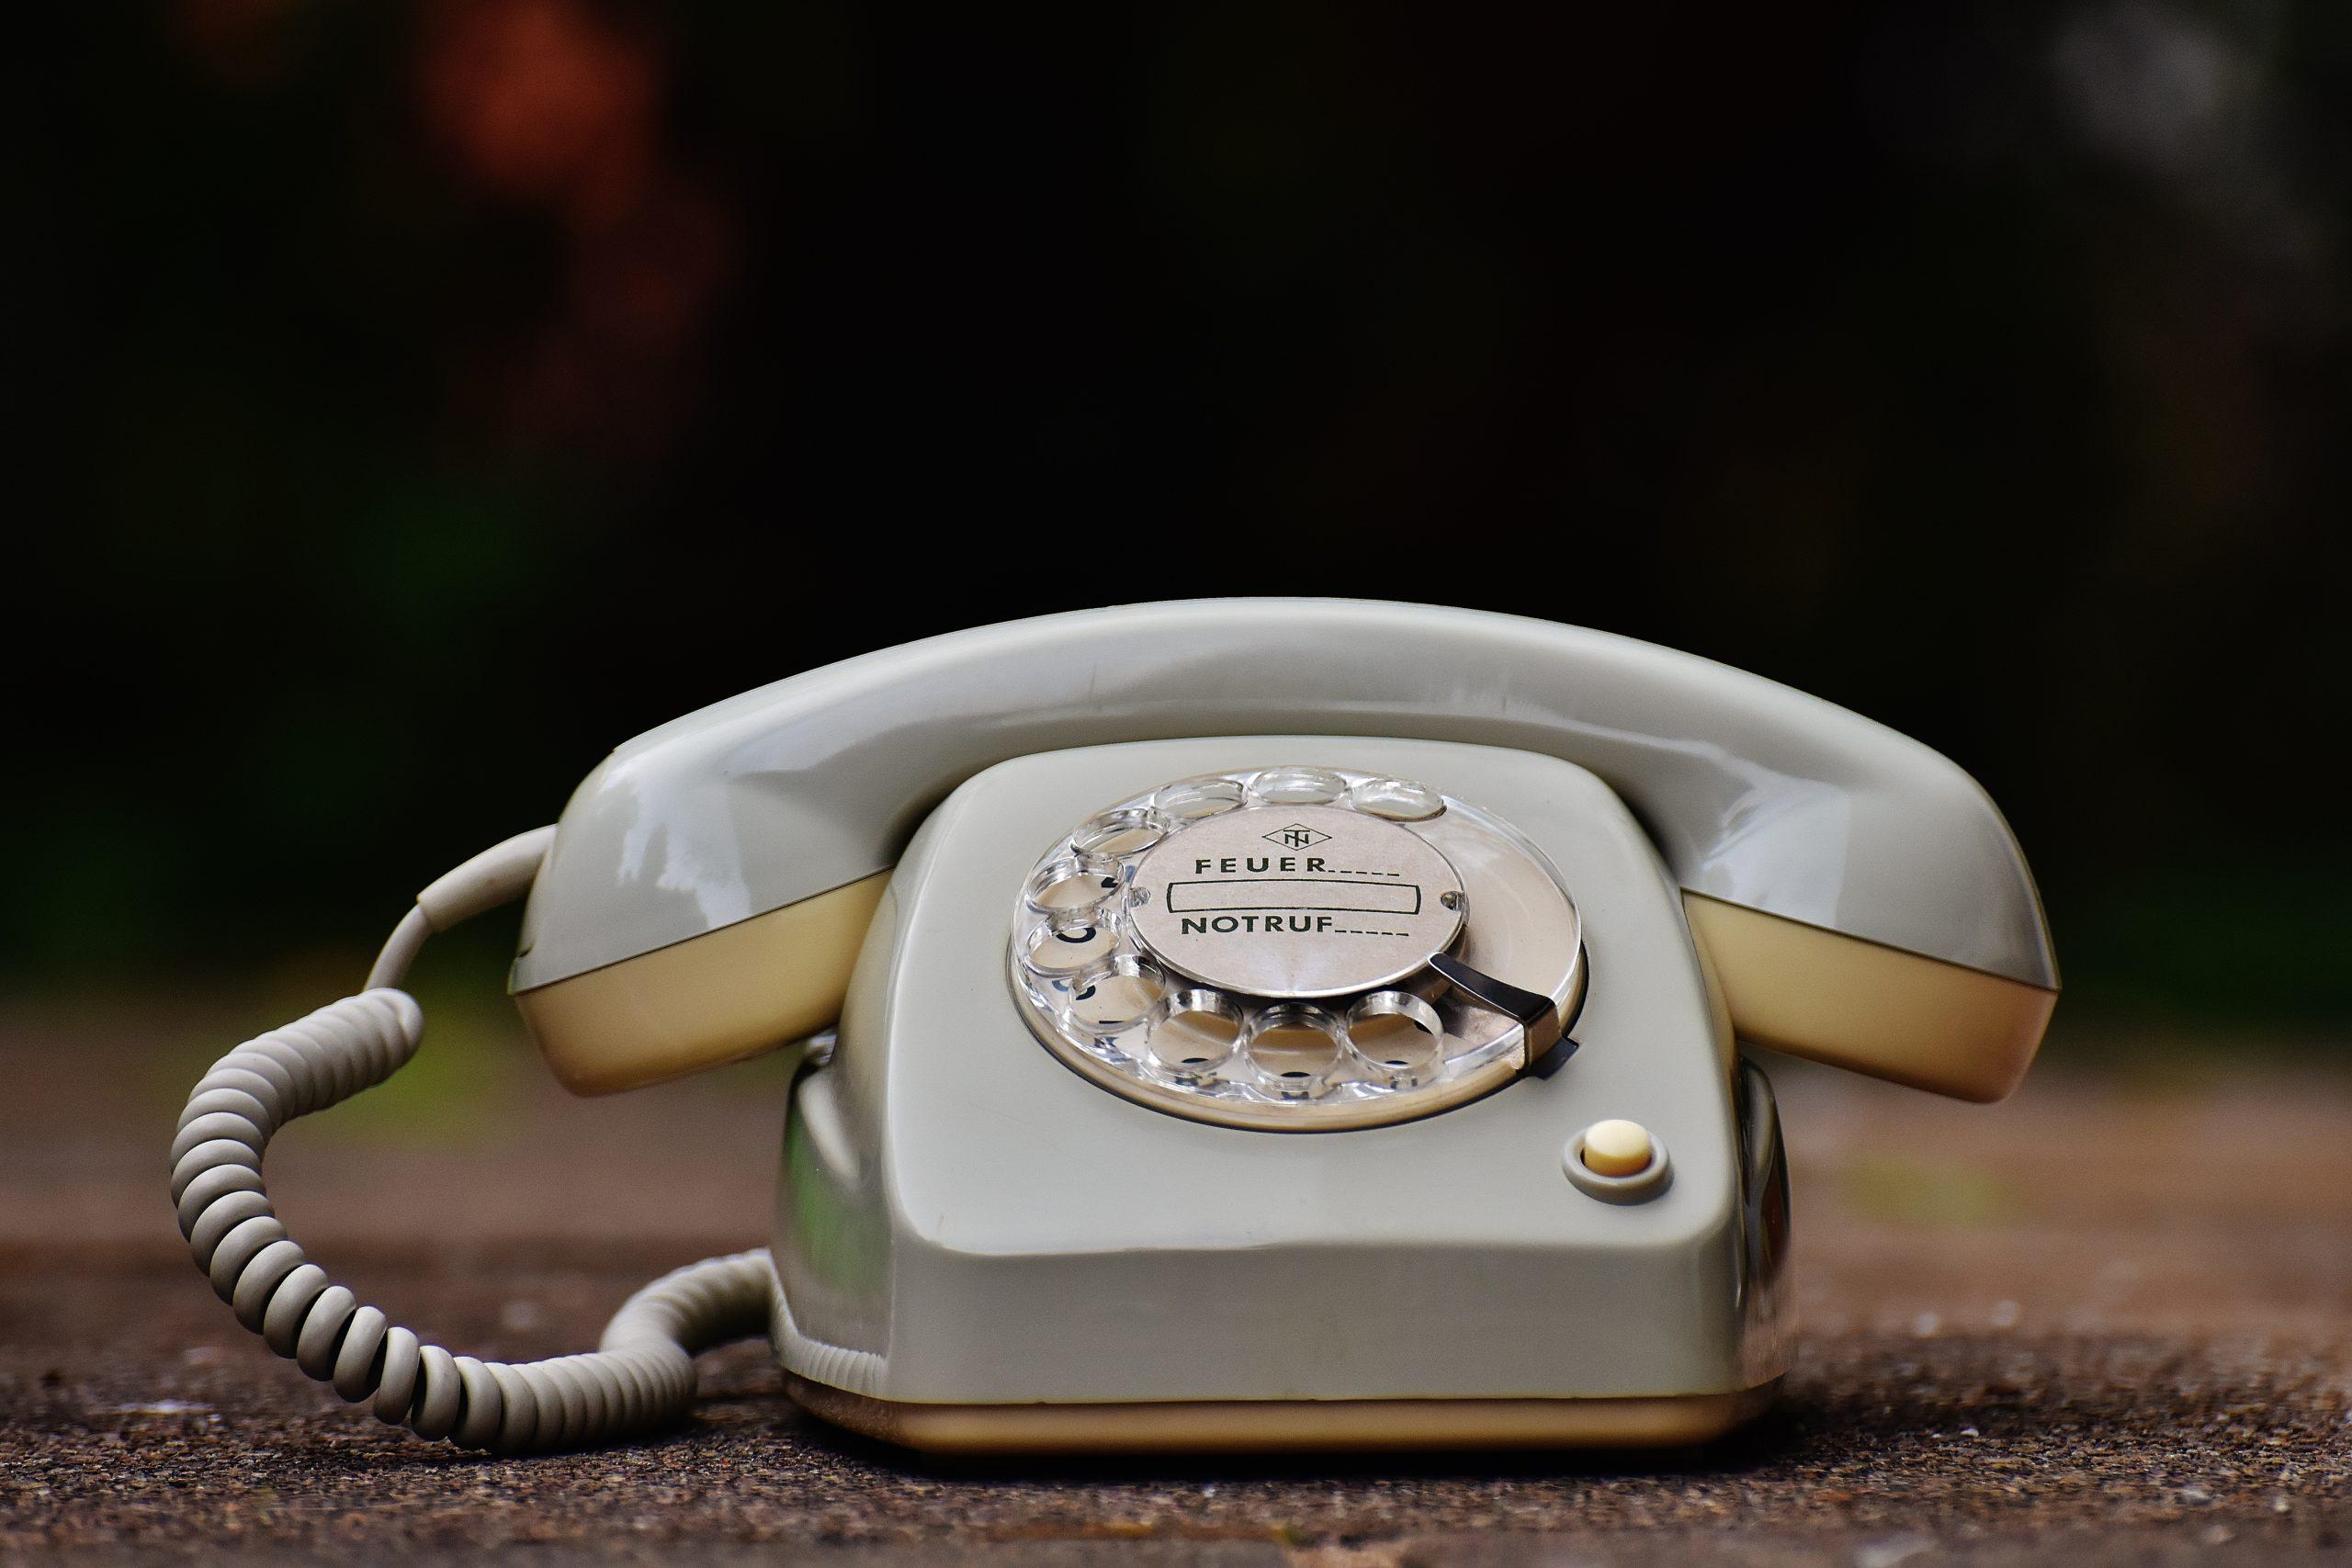 Hotline zur Psychologischen Unterstützung in der Corona Krise